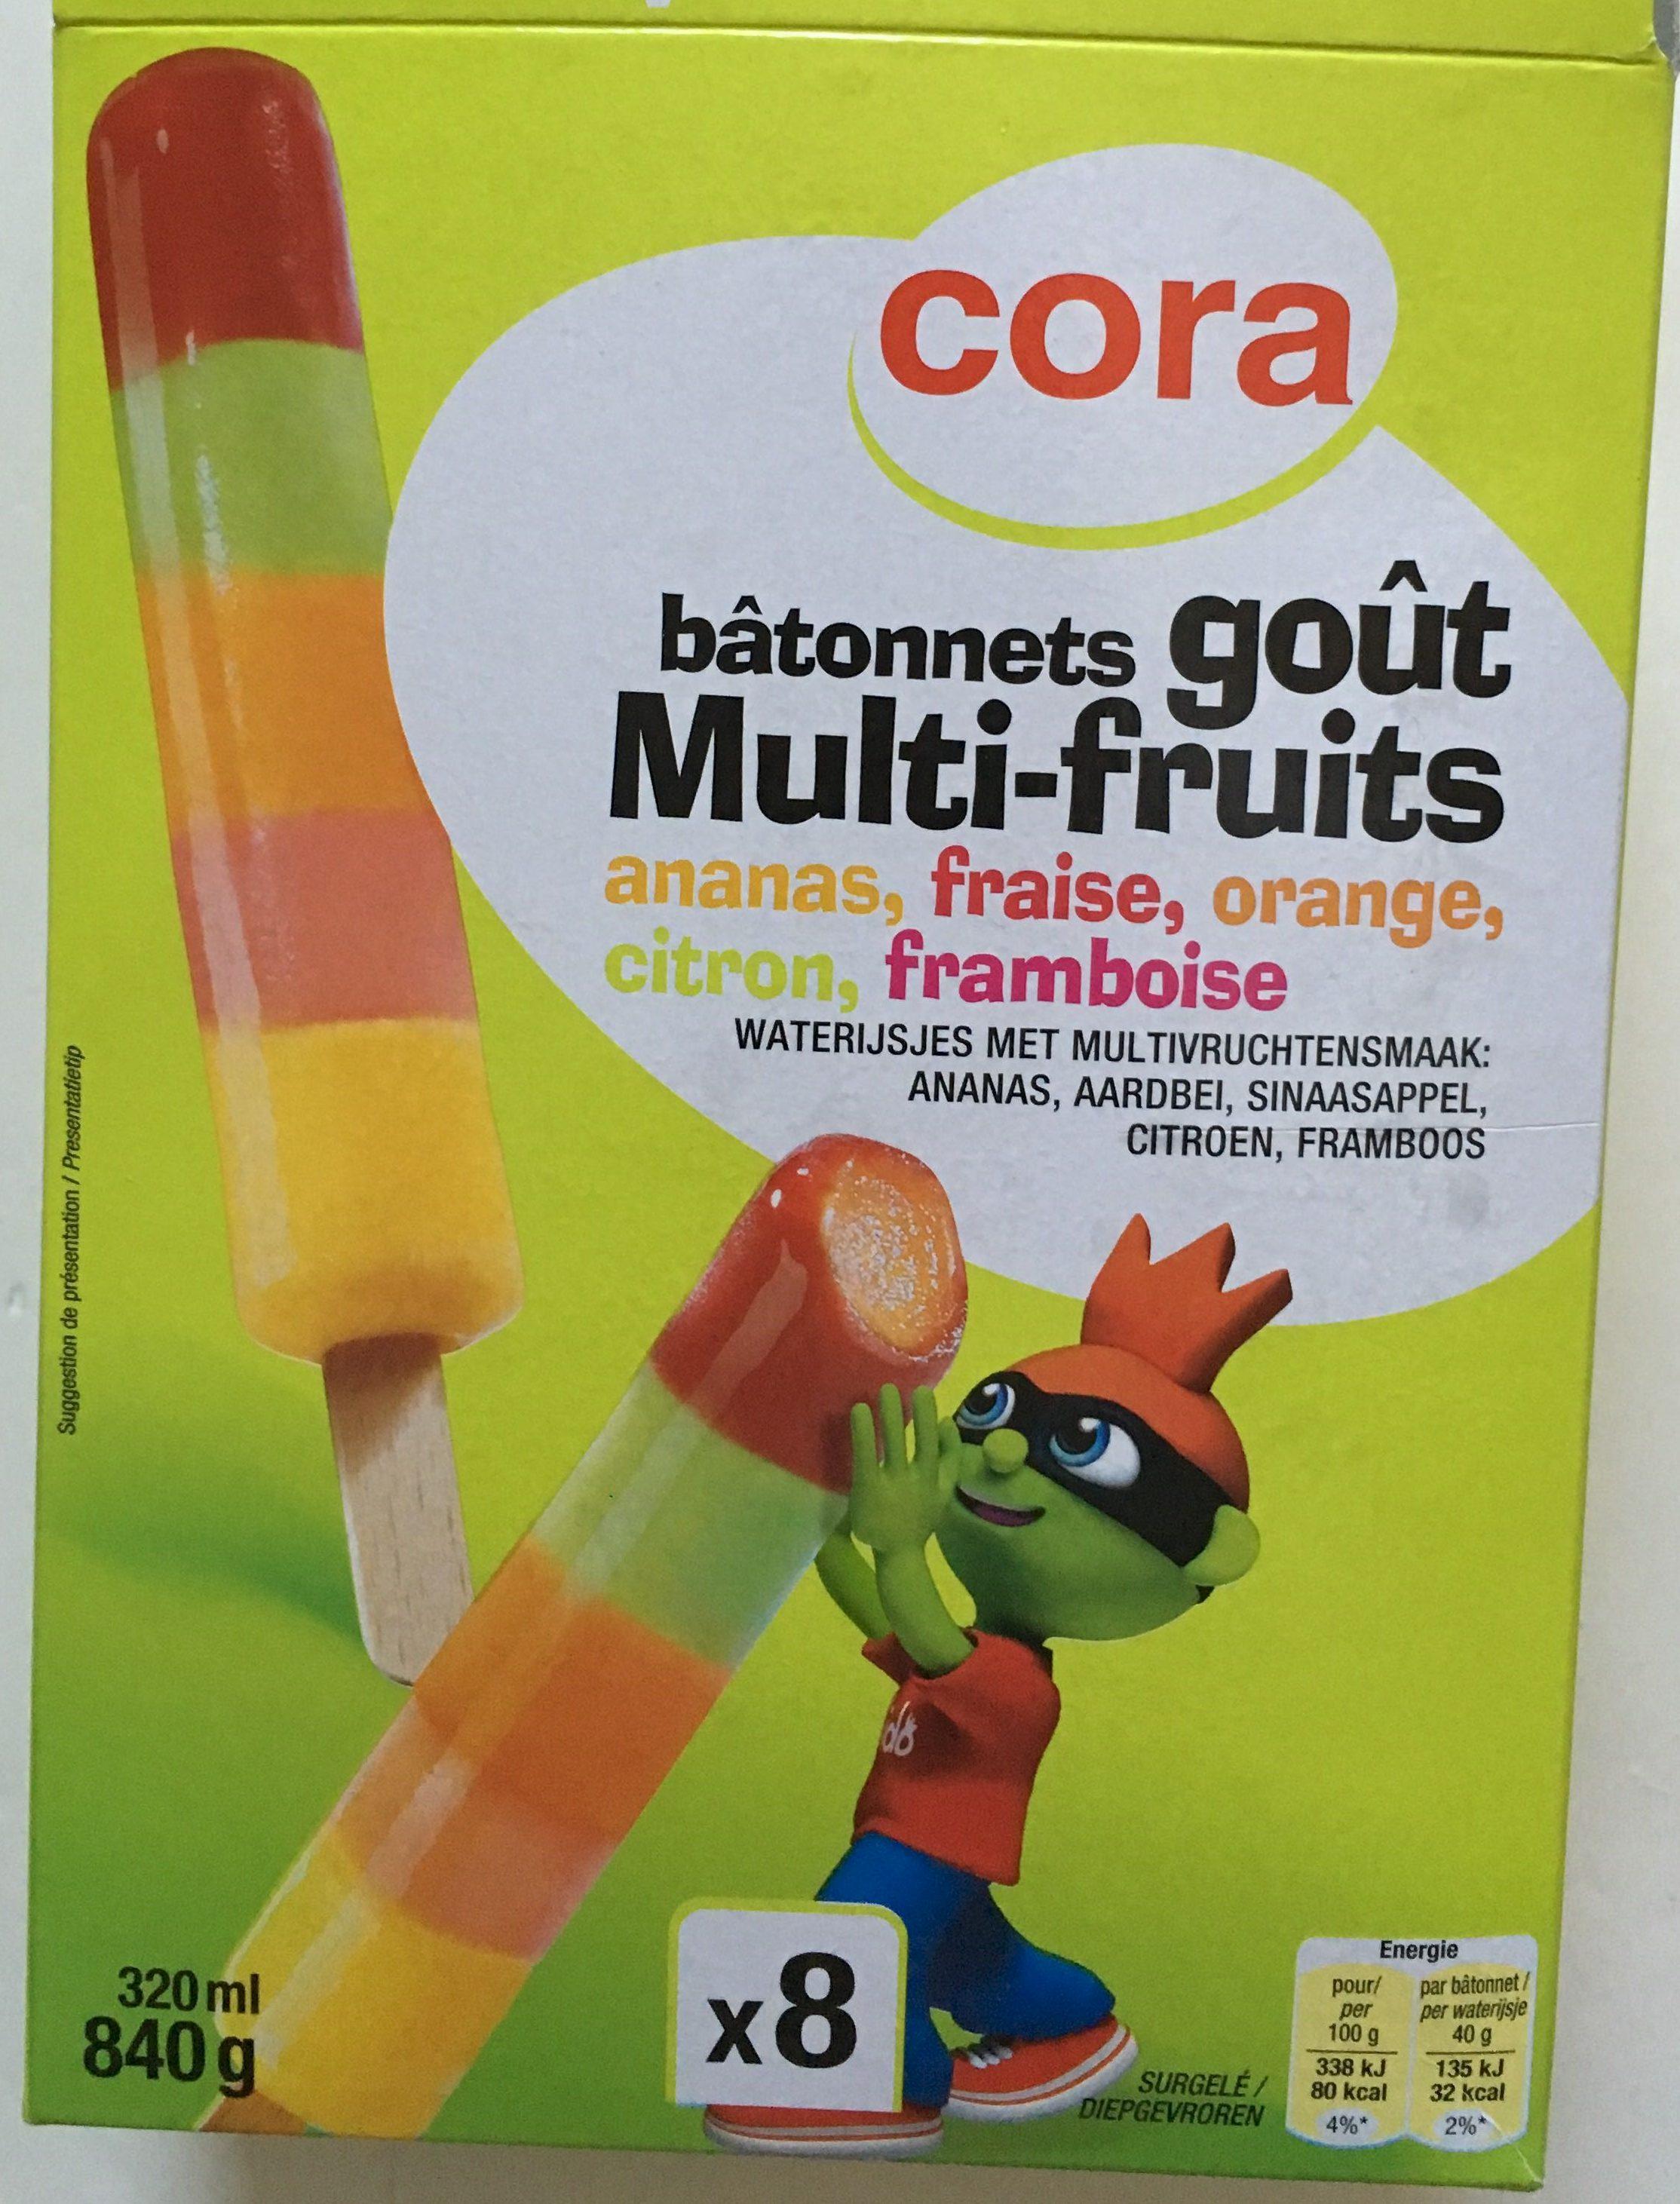 Bâtonnets goût Multi-fruits ananas, fraise, orange, citron, framboise - Product